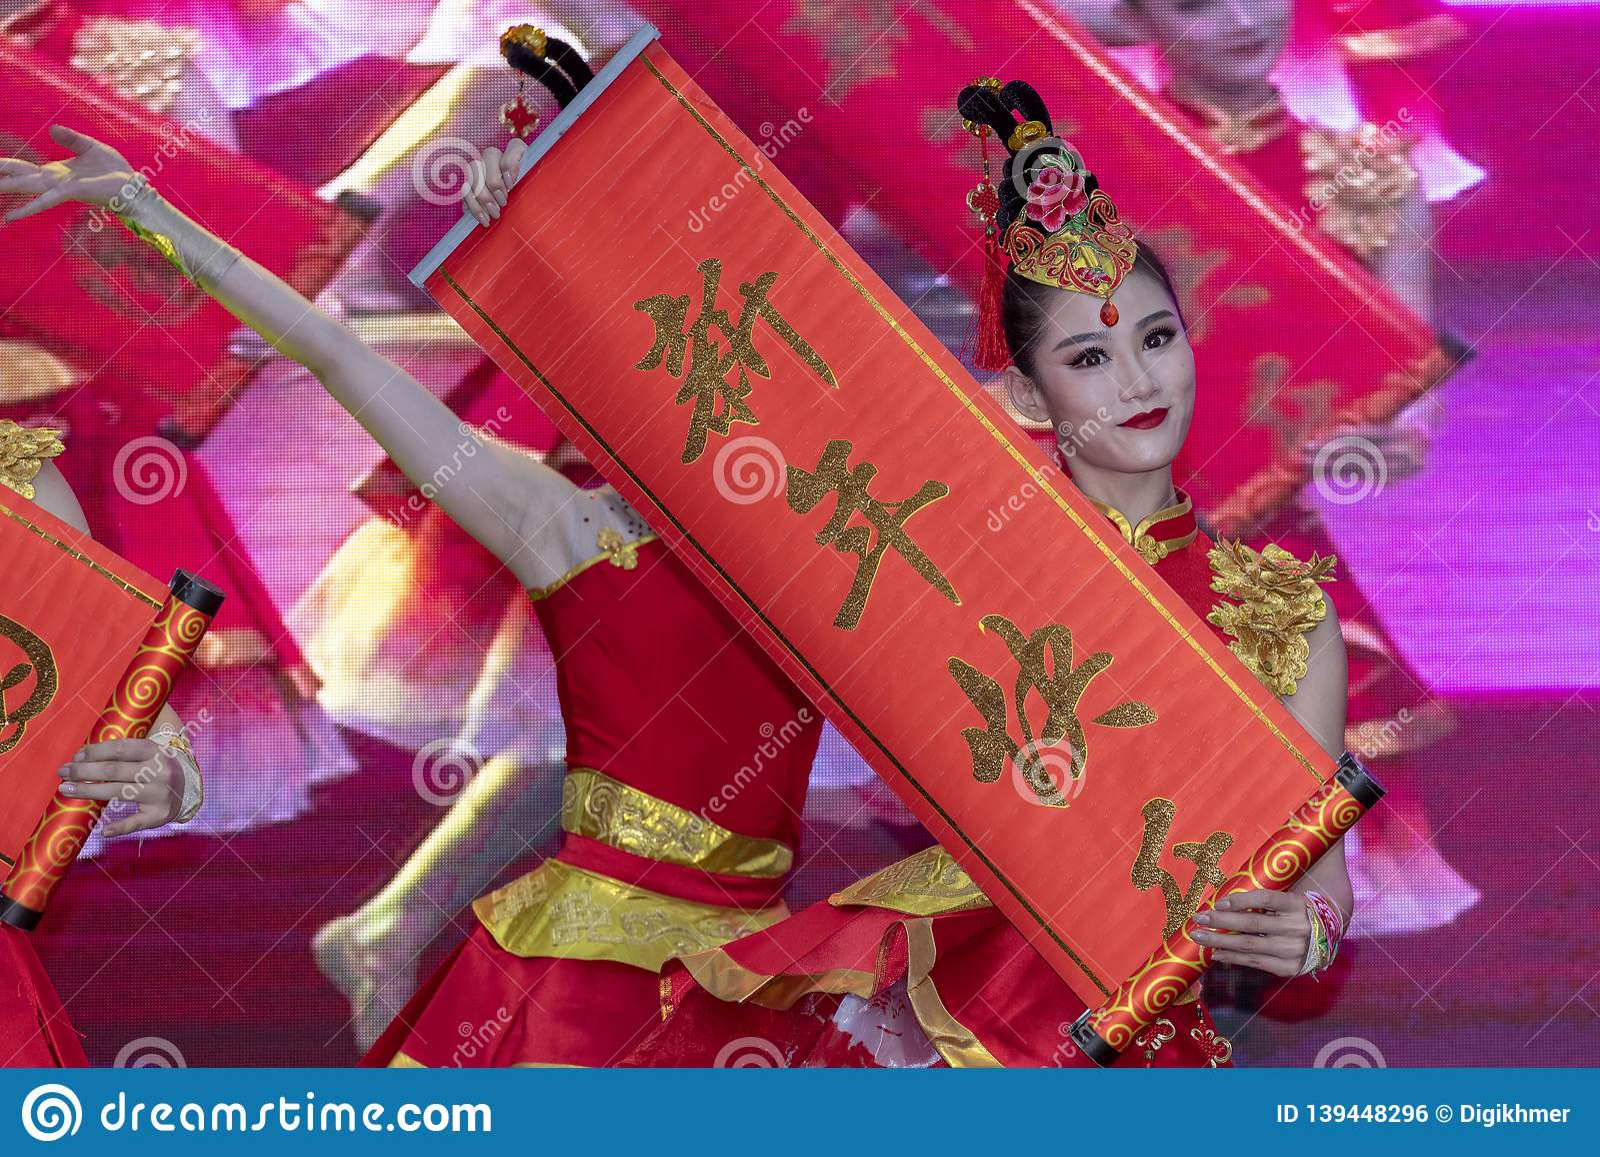 Año Nuevo chino 2019 - funcionamiento de la danza